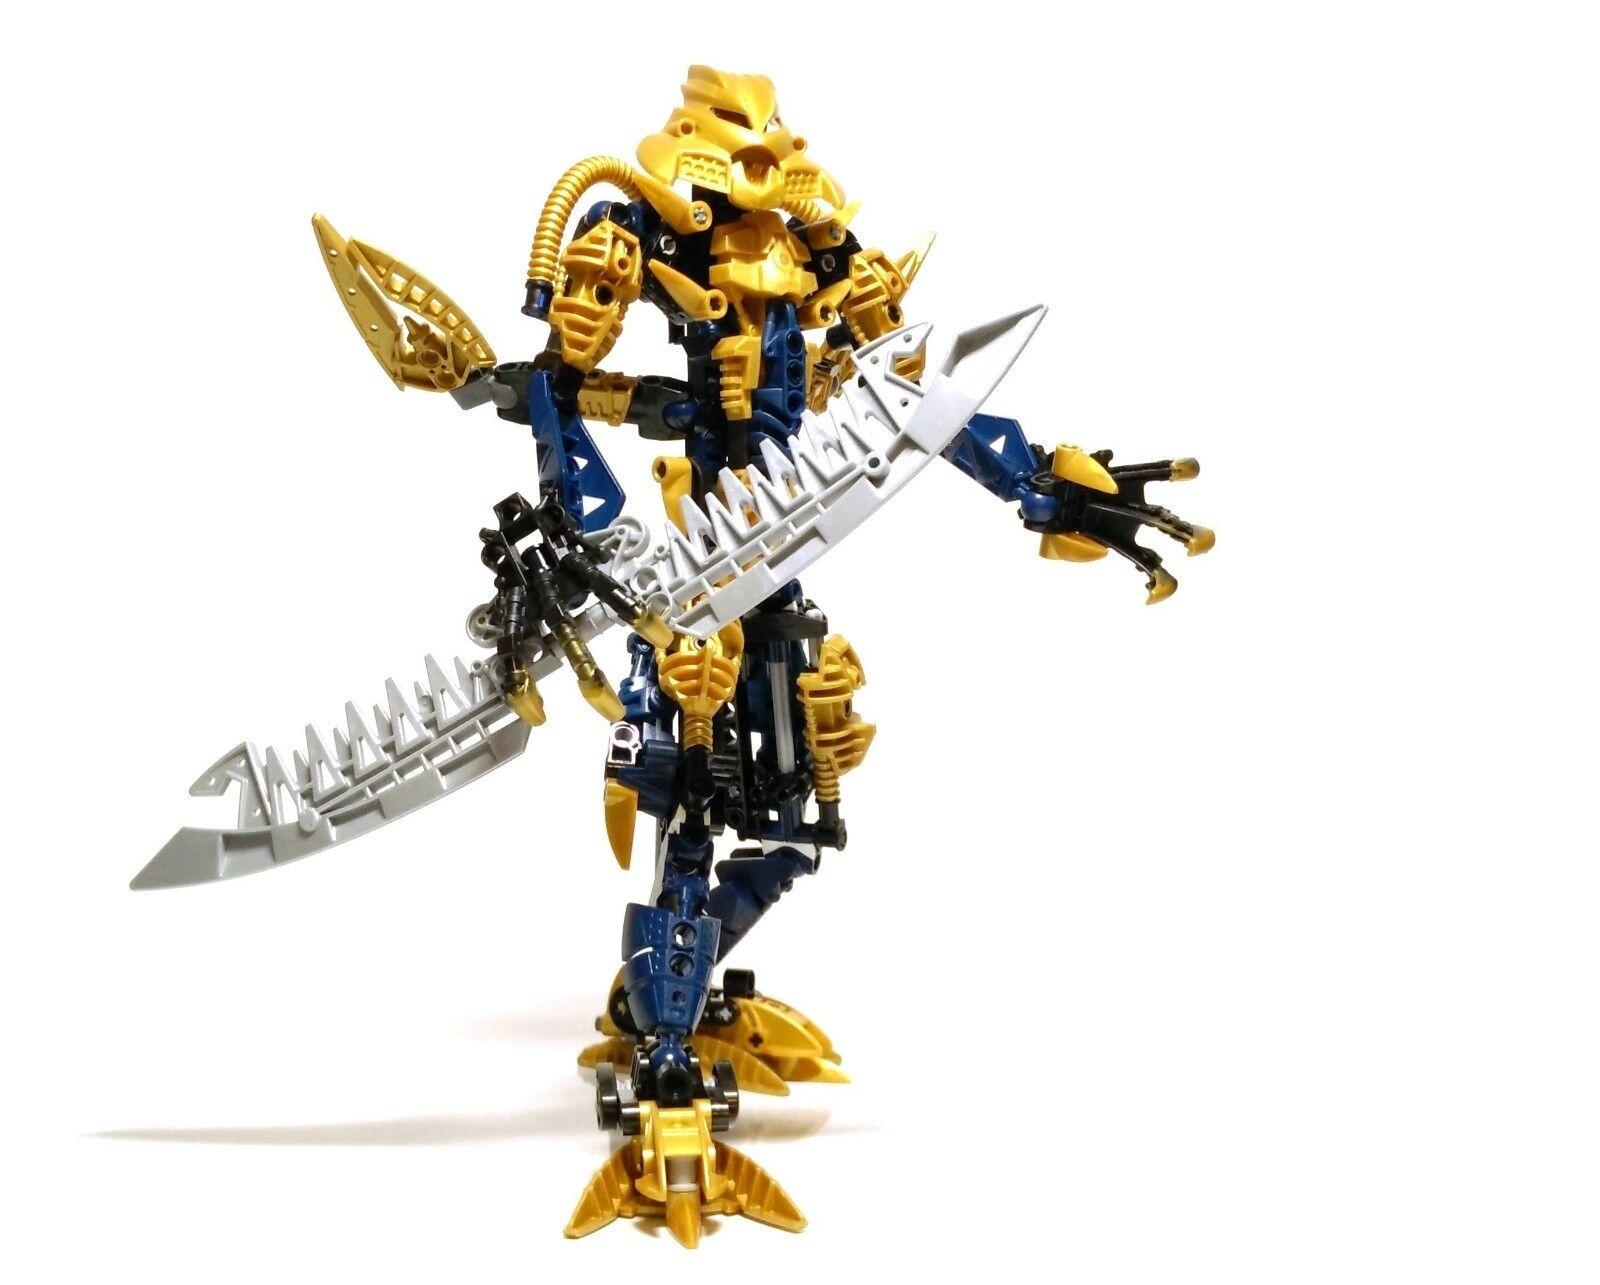 LEGO Bionicle Warriors 8734  Brutaka